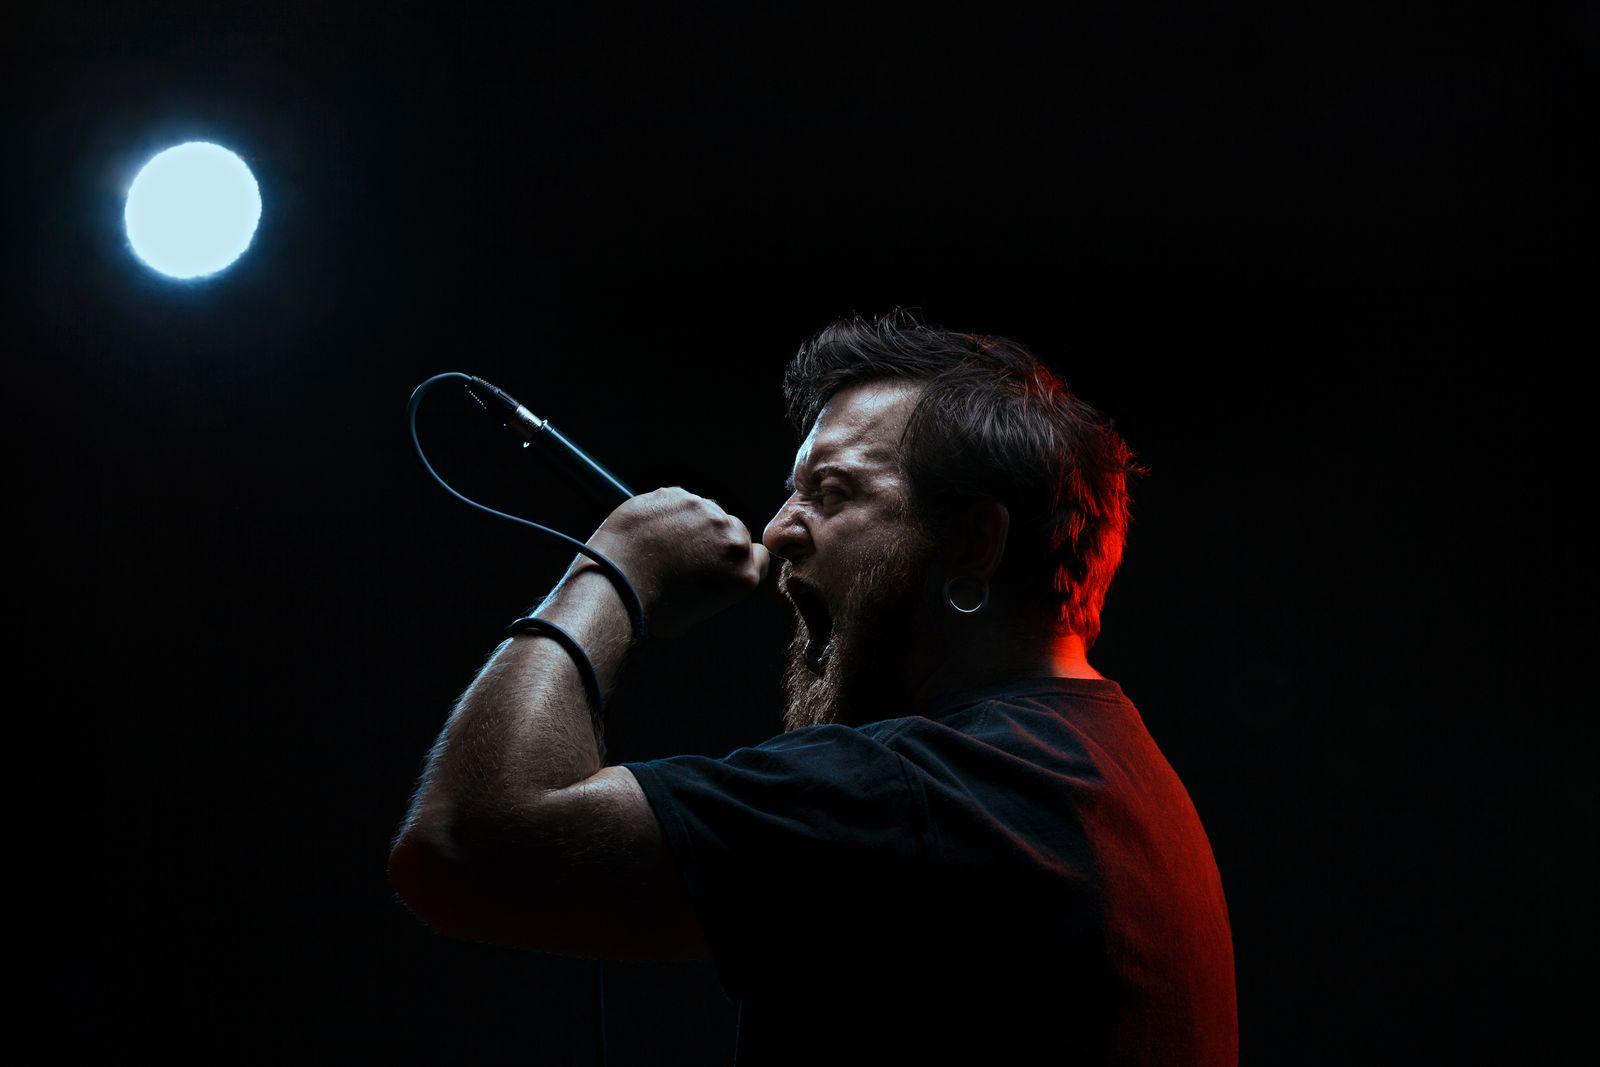 Portrait of singing rocker